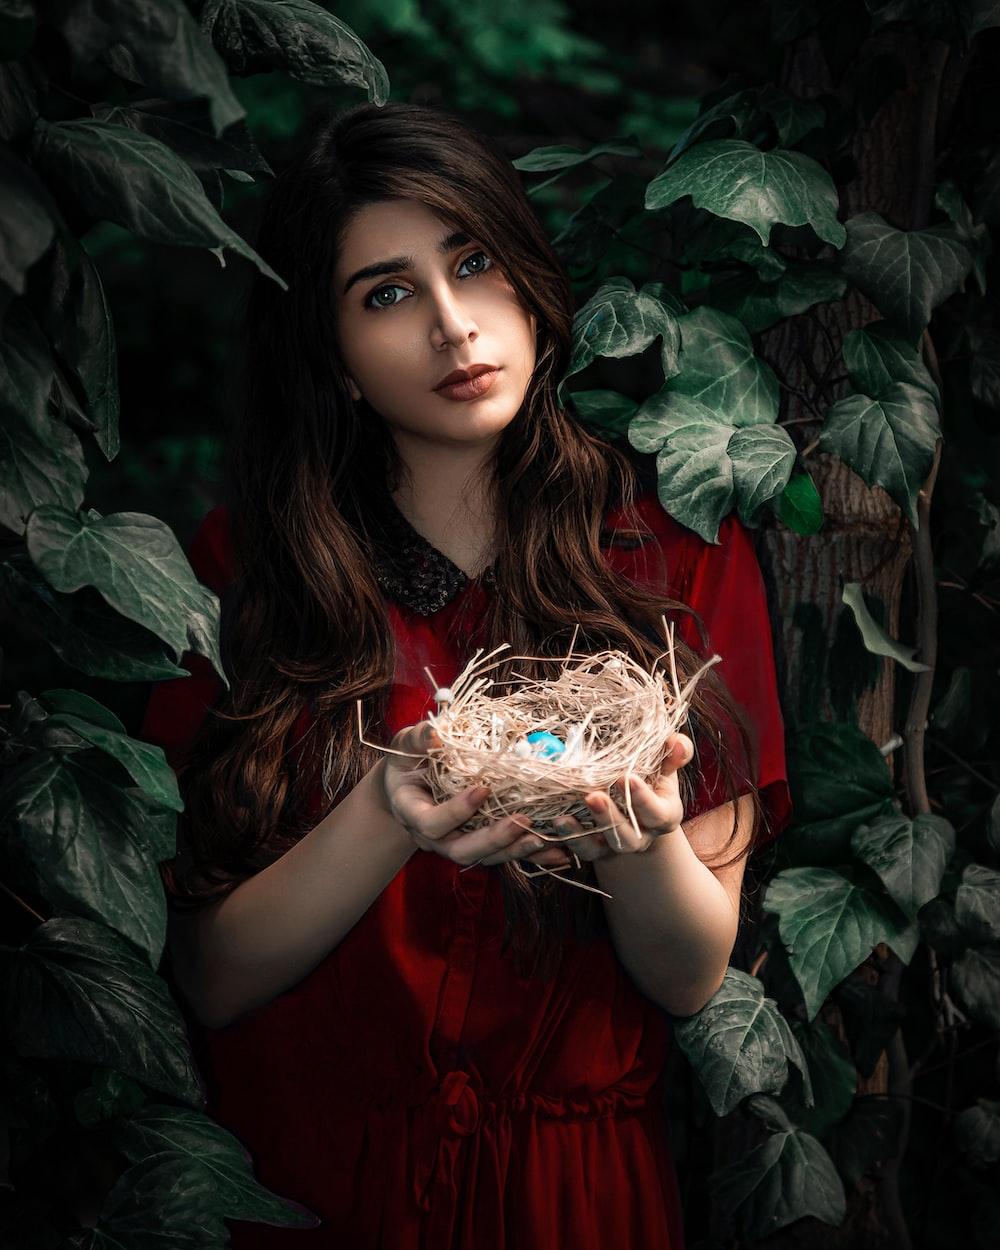 girl in red dress holding white flower